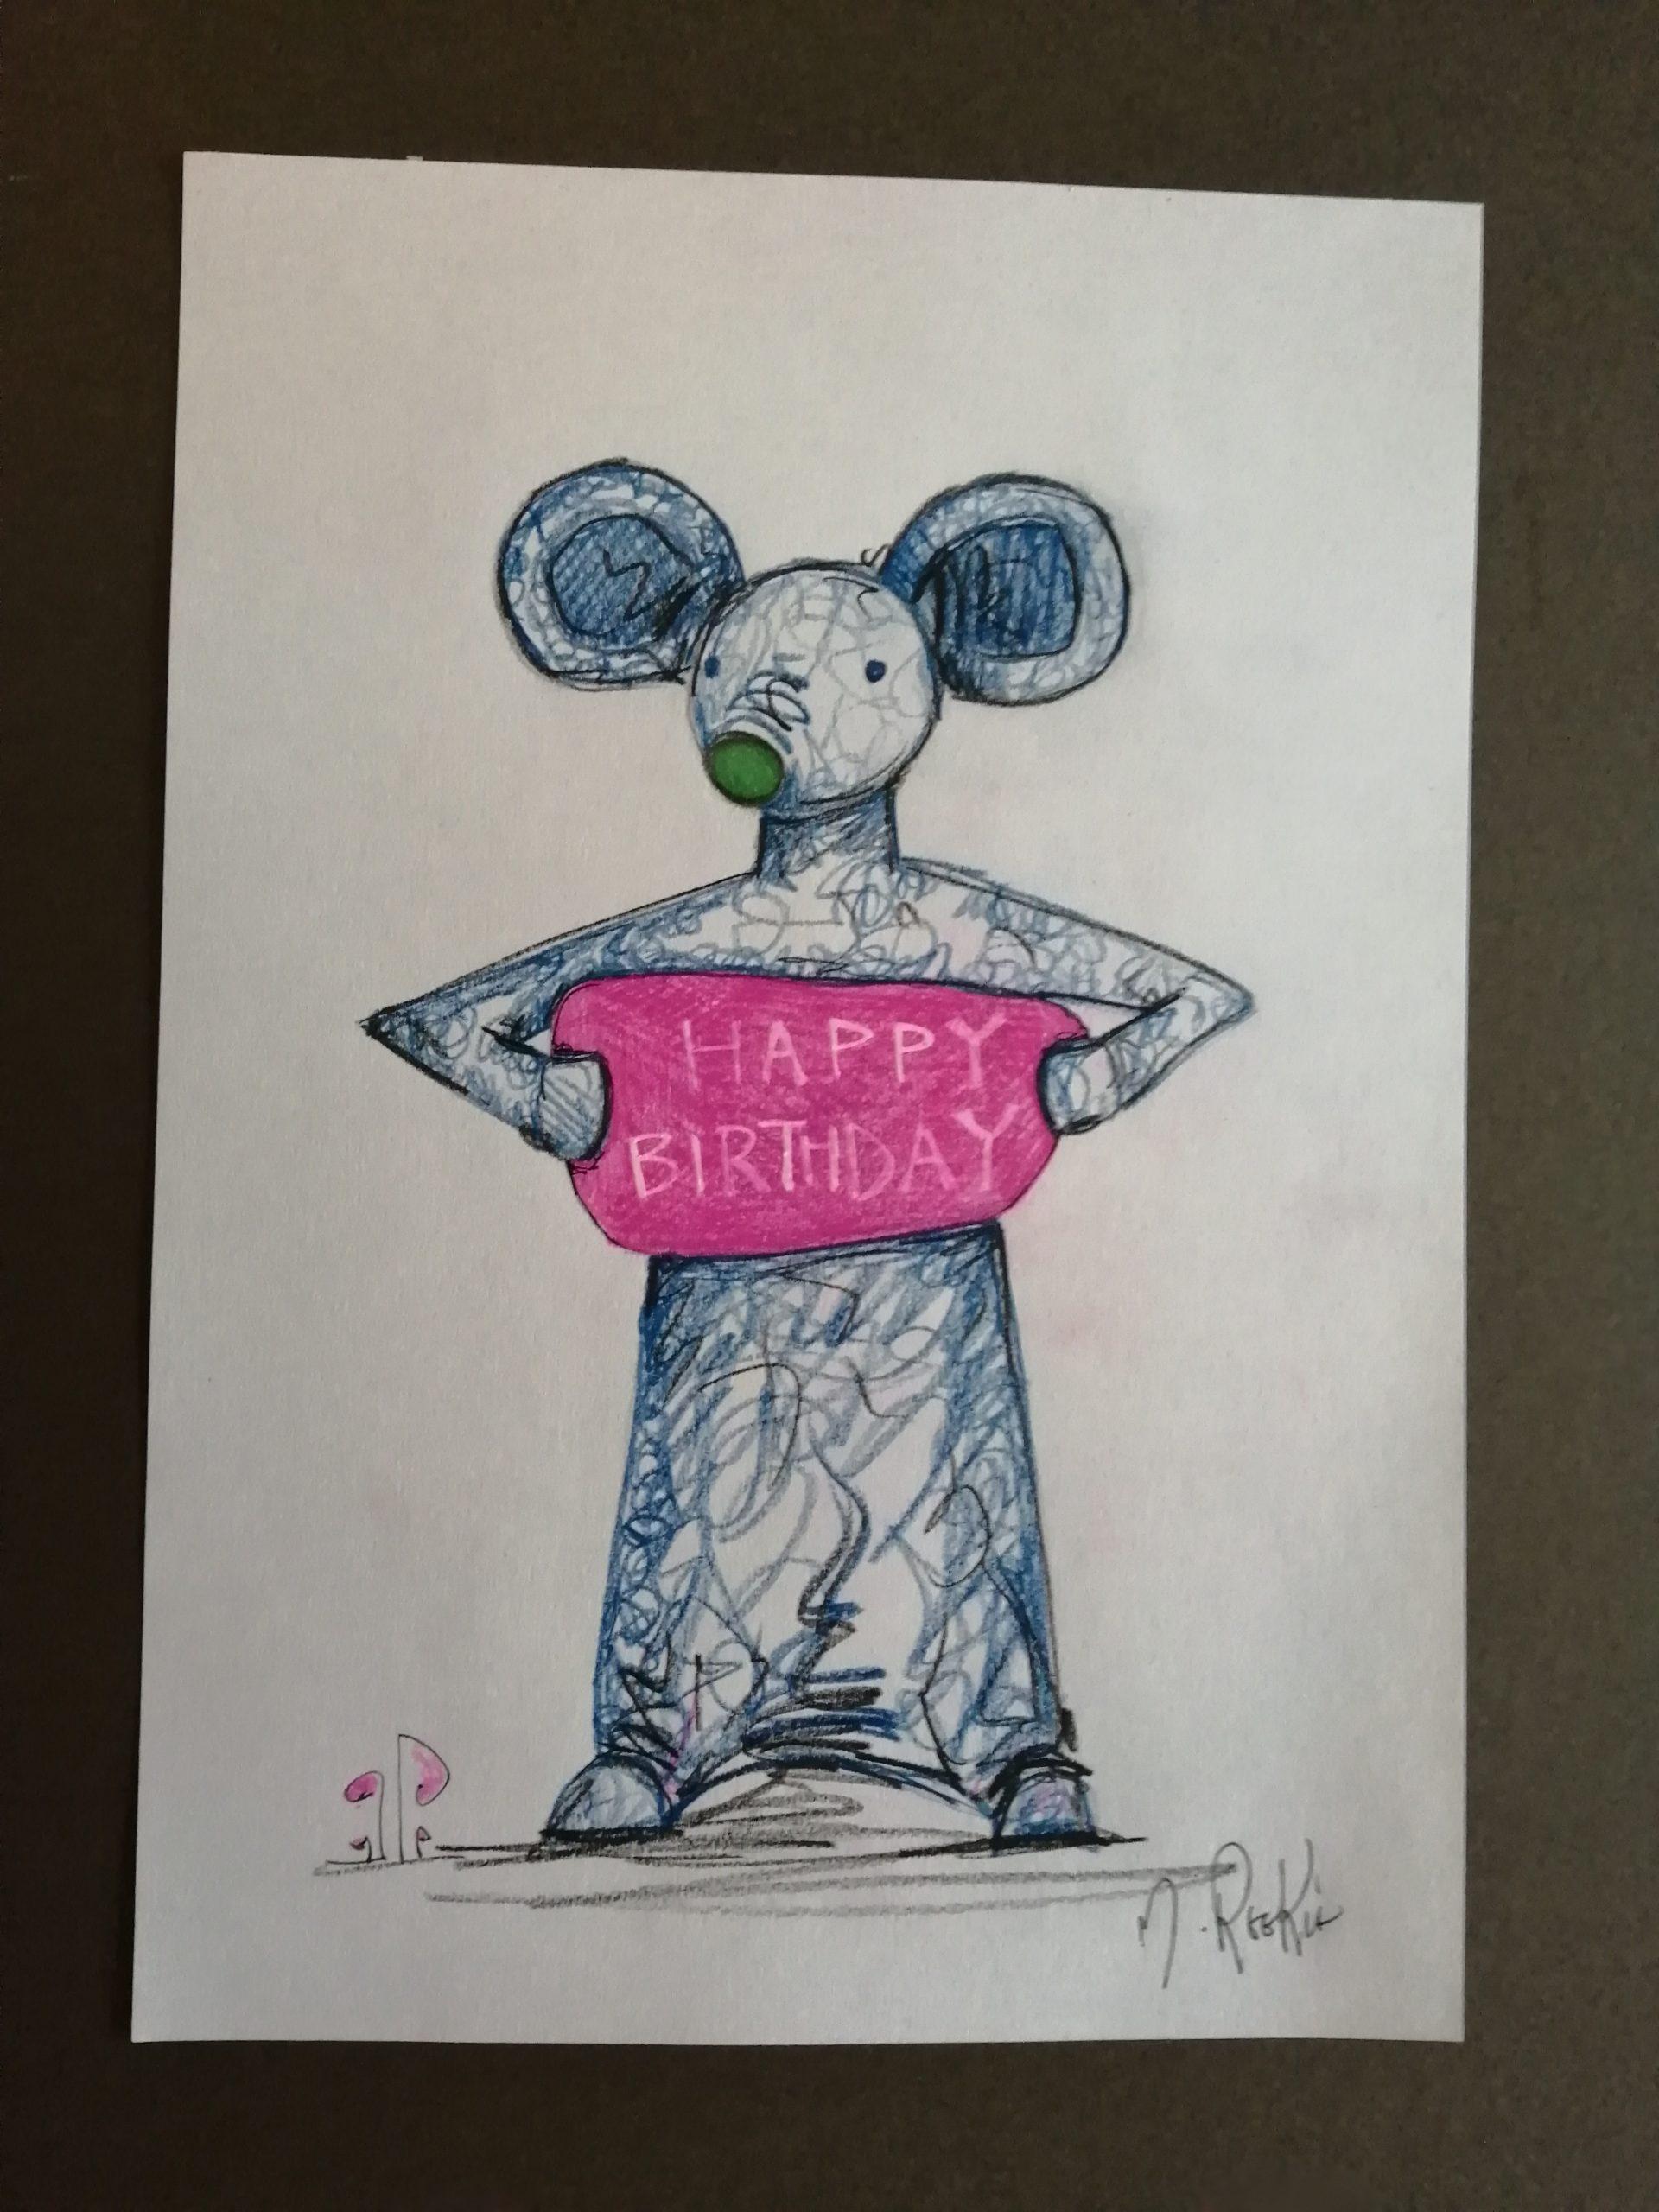 Sketch 'Happy Birthday